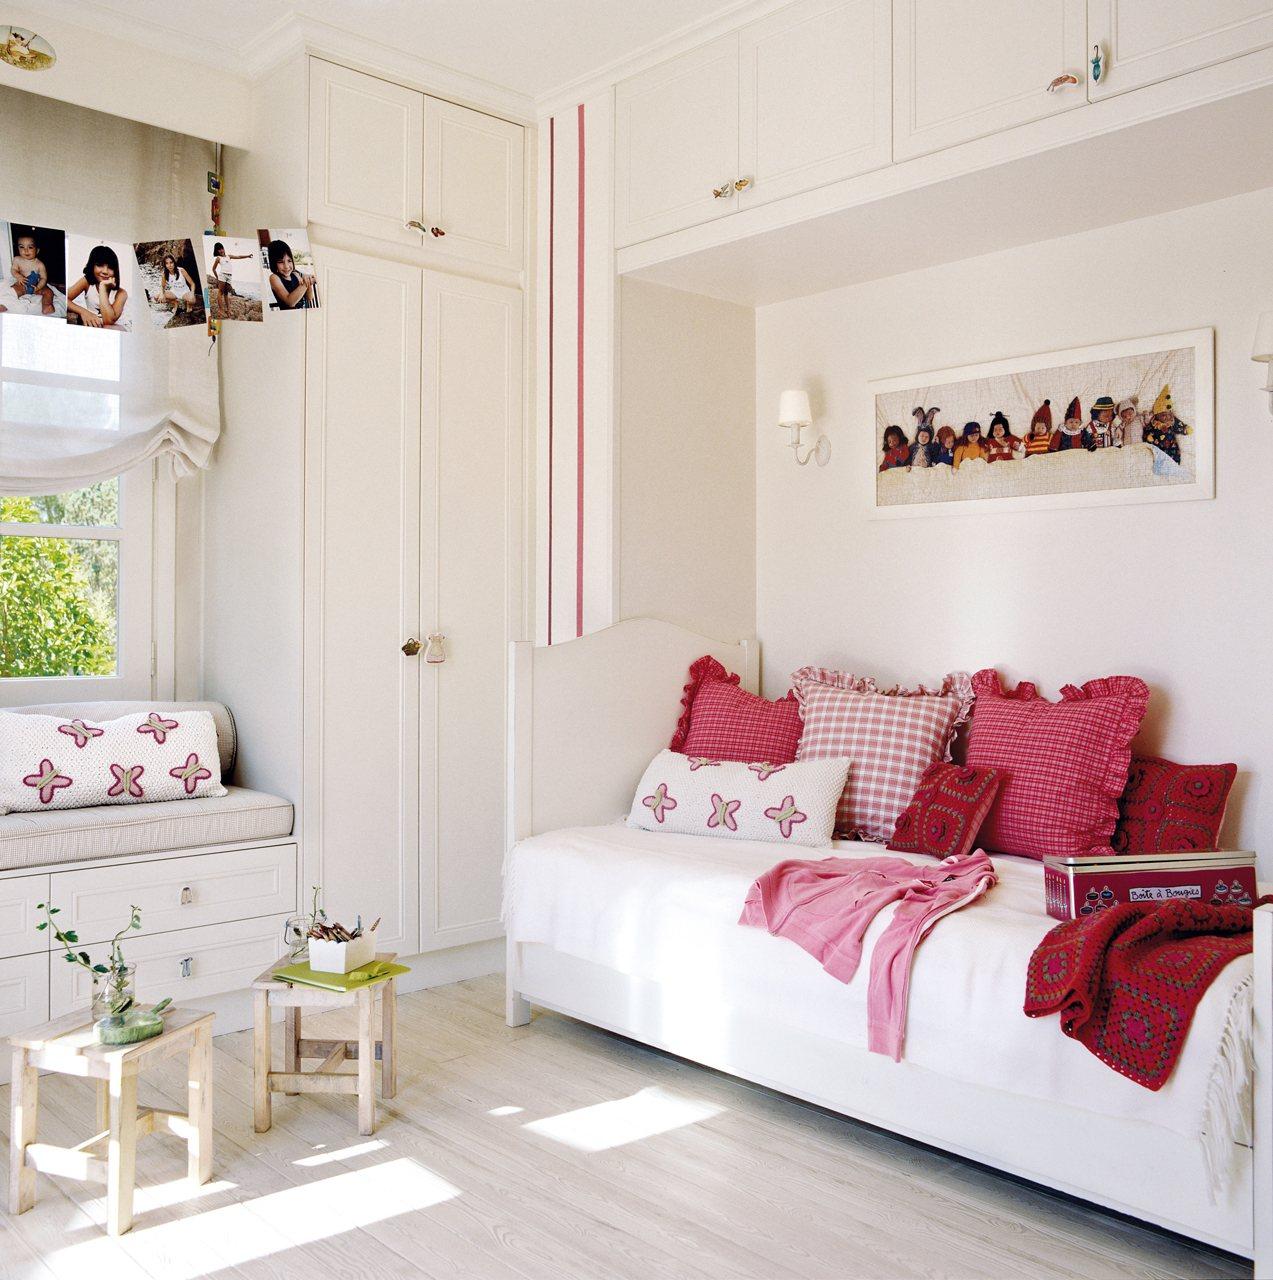 Habitación infantil con mueble sobre la cama. Maderas claras.